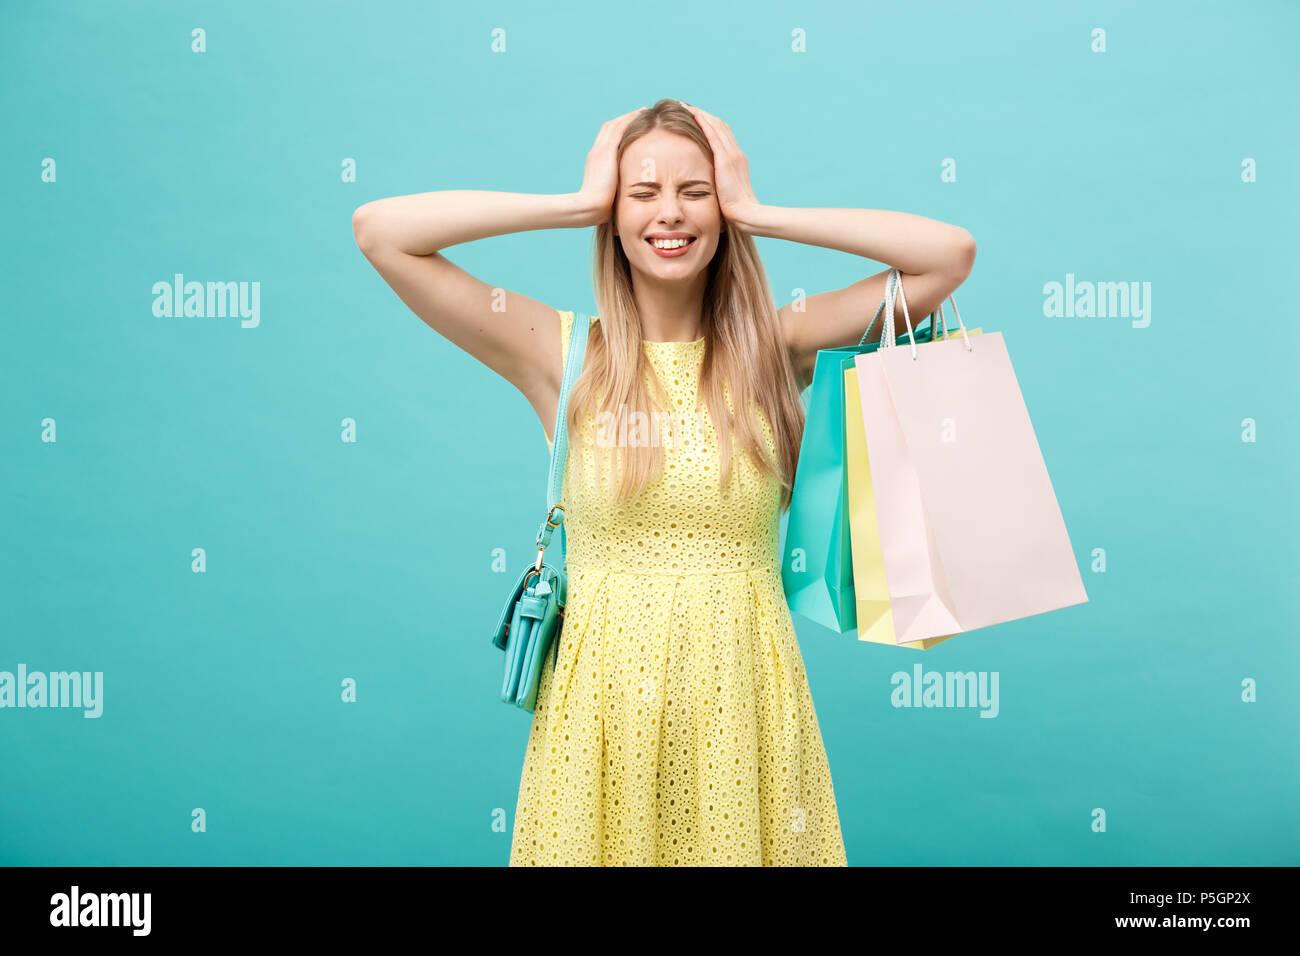 shoppen und verkauf konzept: schöne, unglückliche junge frau